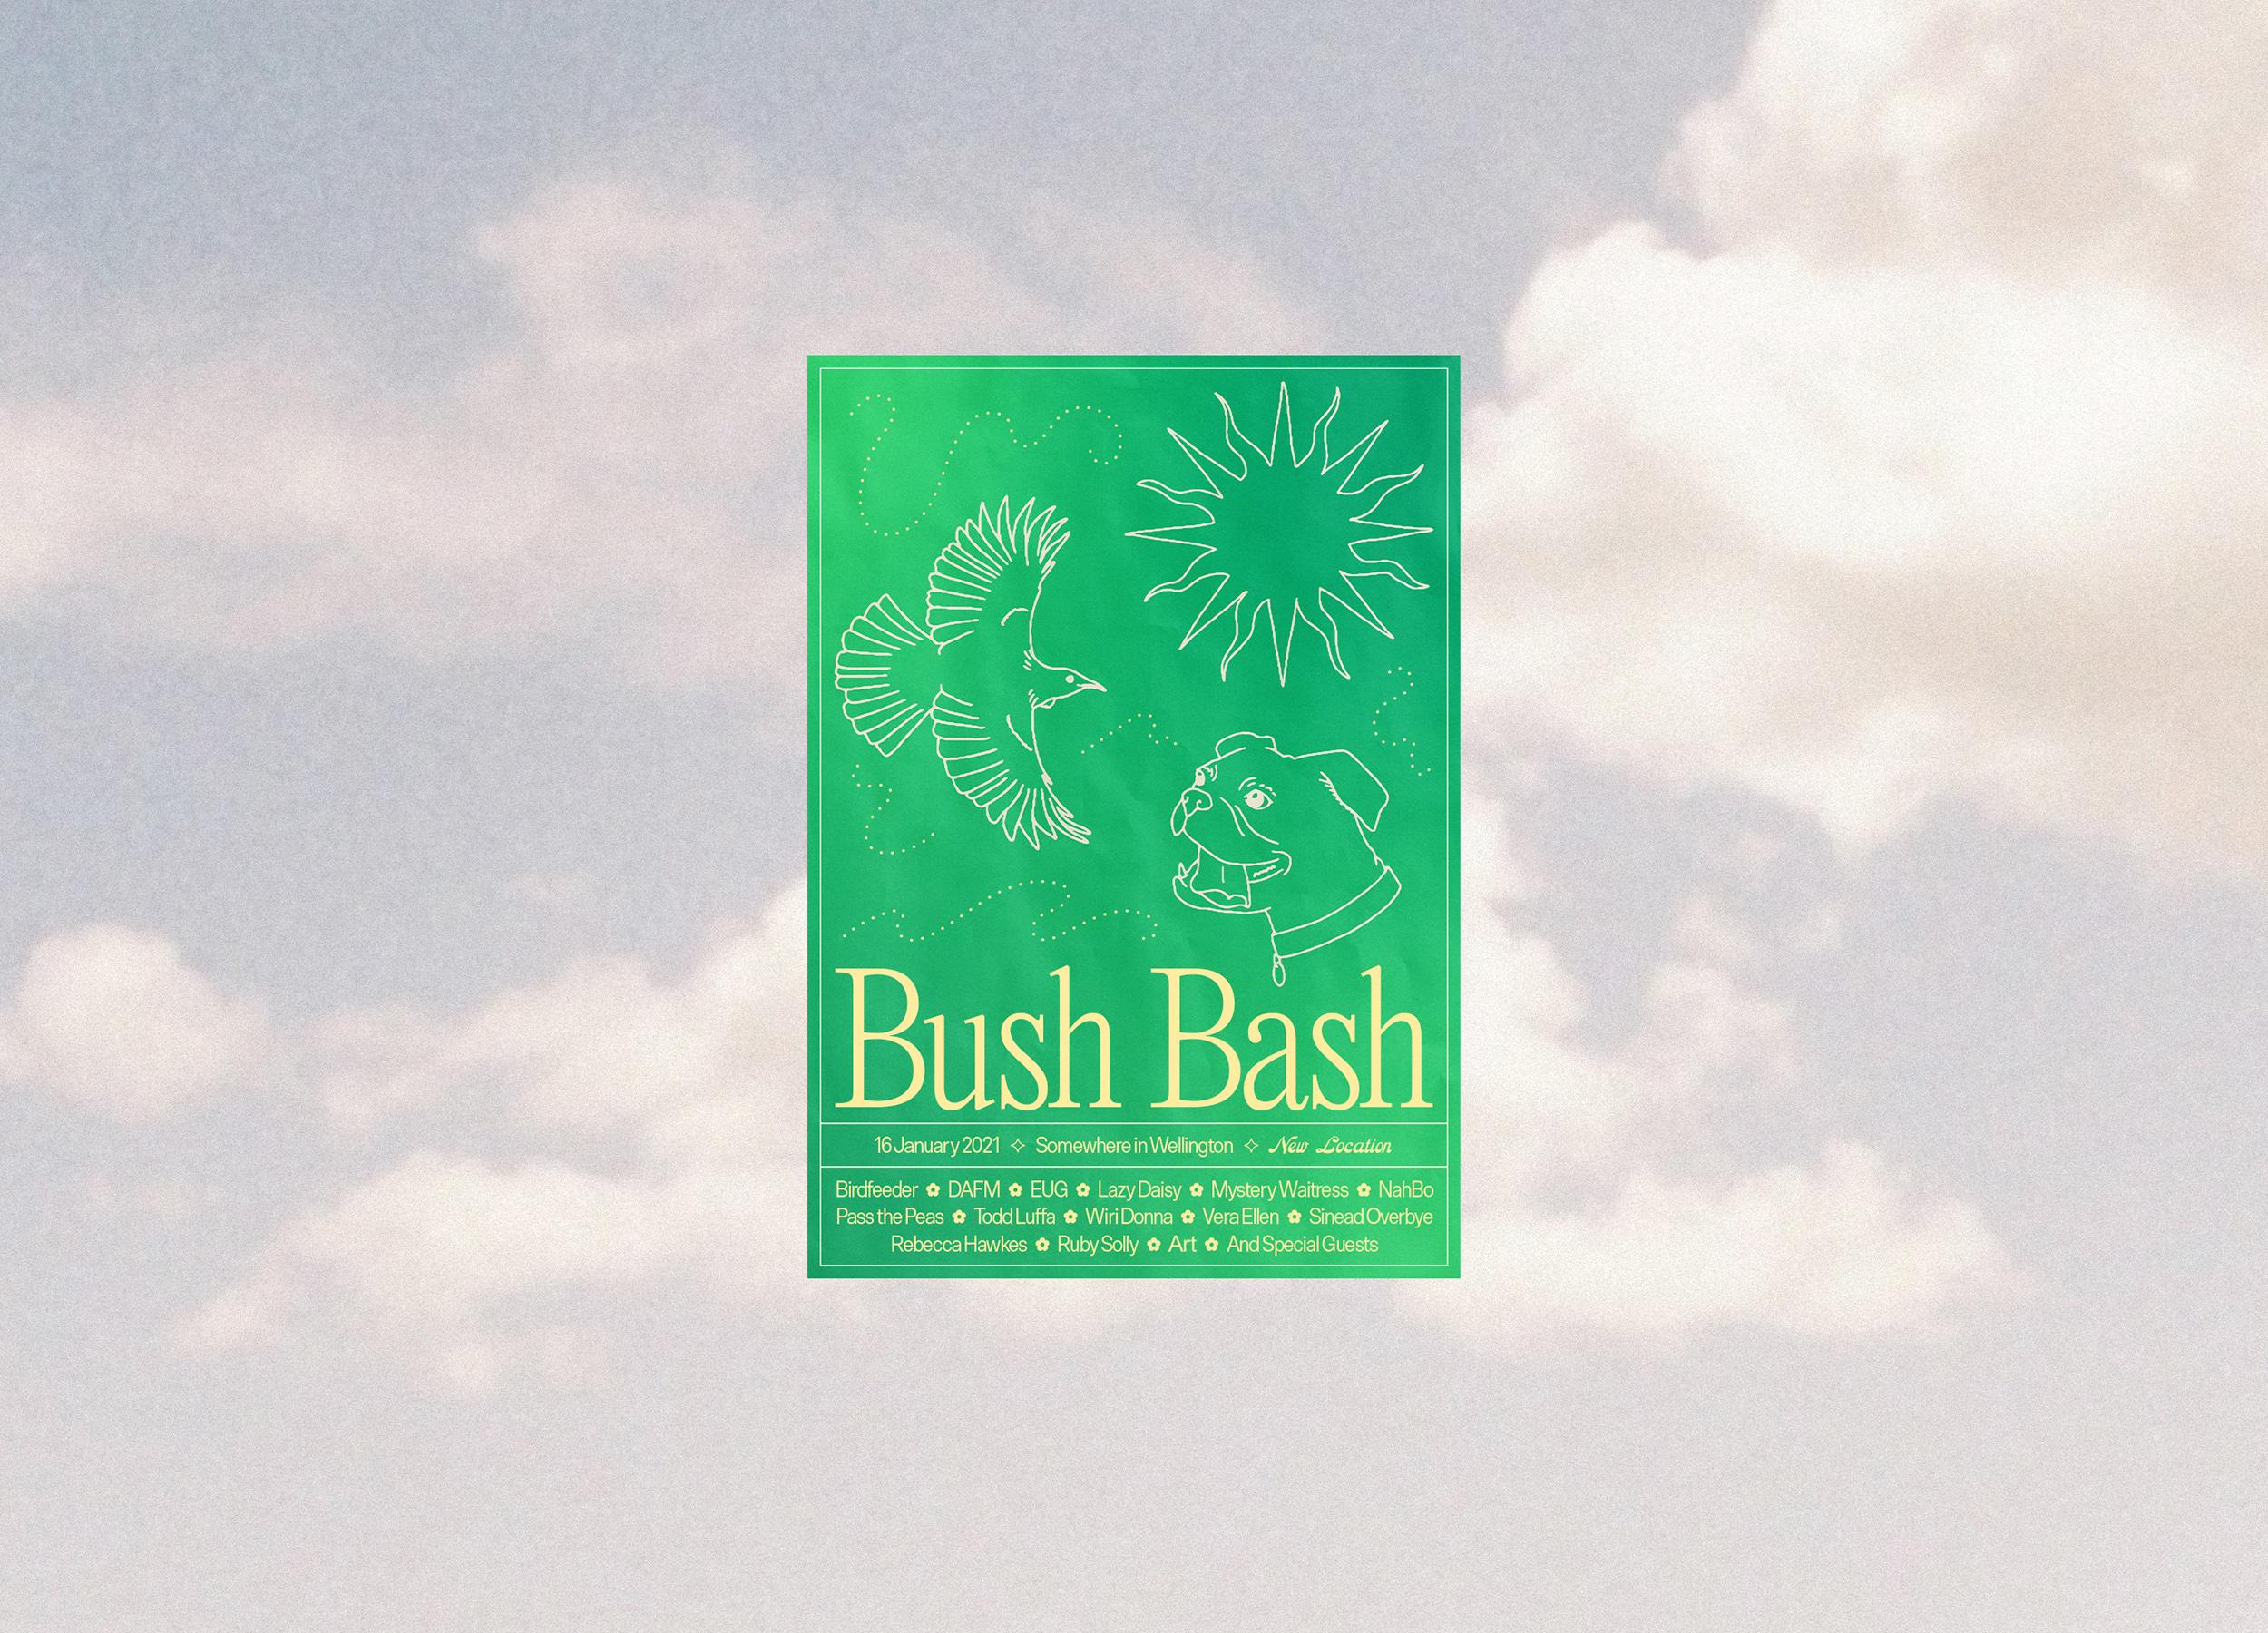 Bush Bash 2021 Poster Design